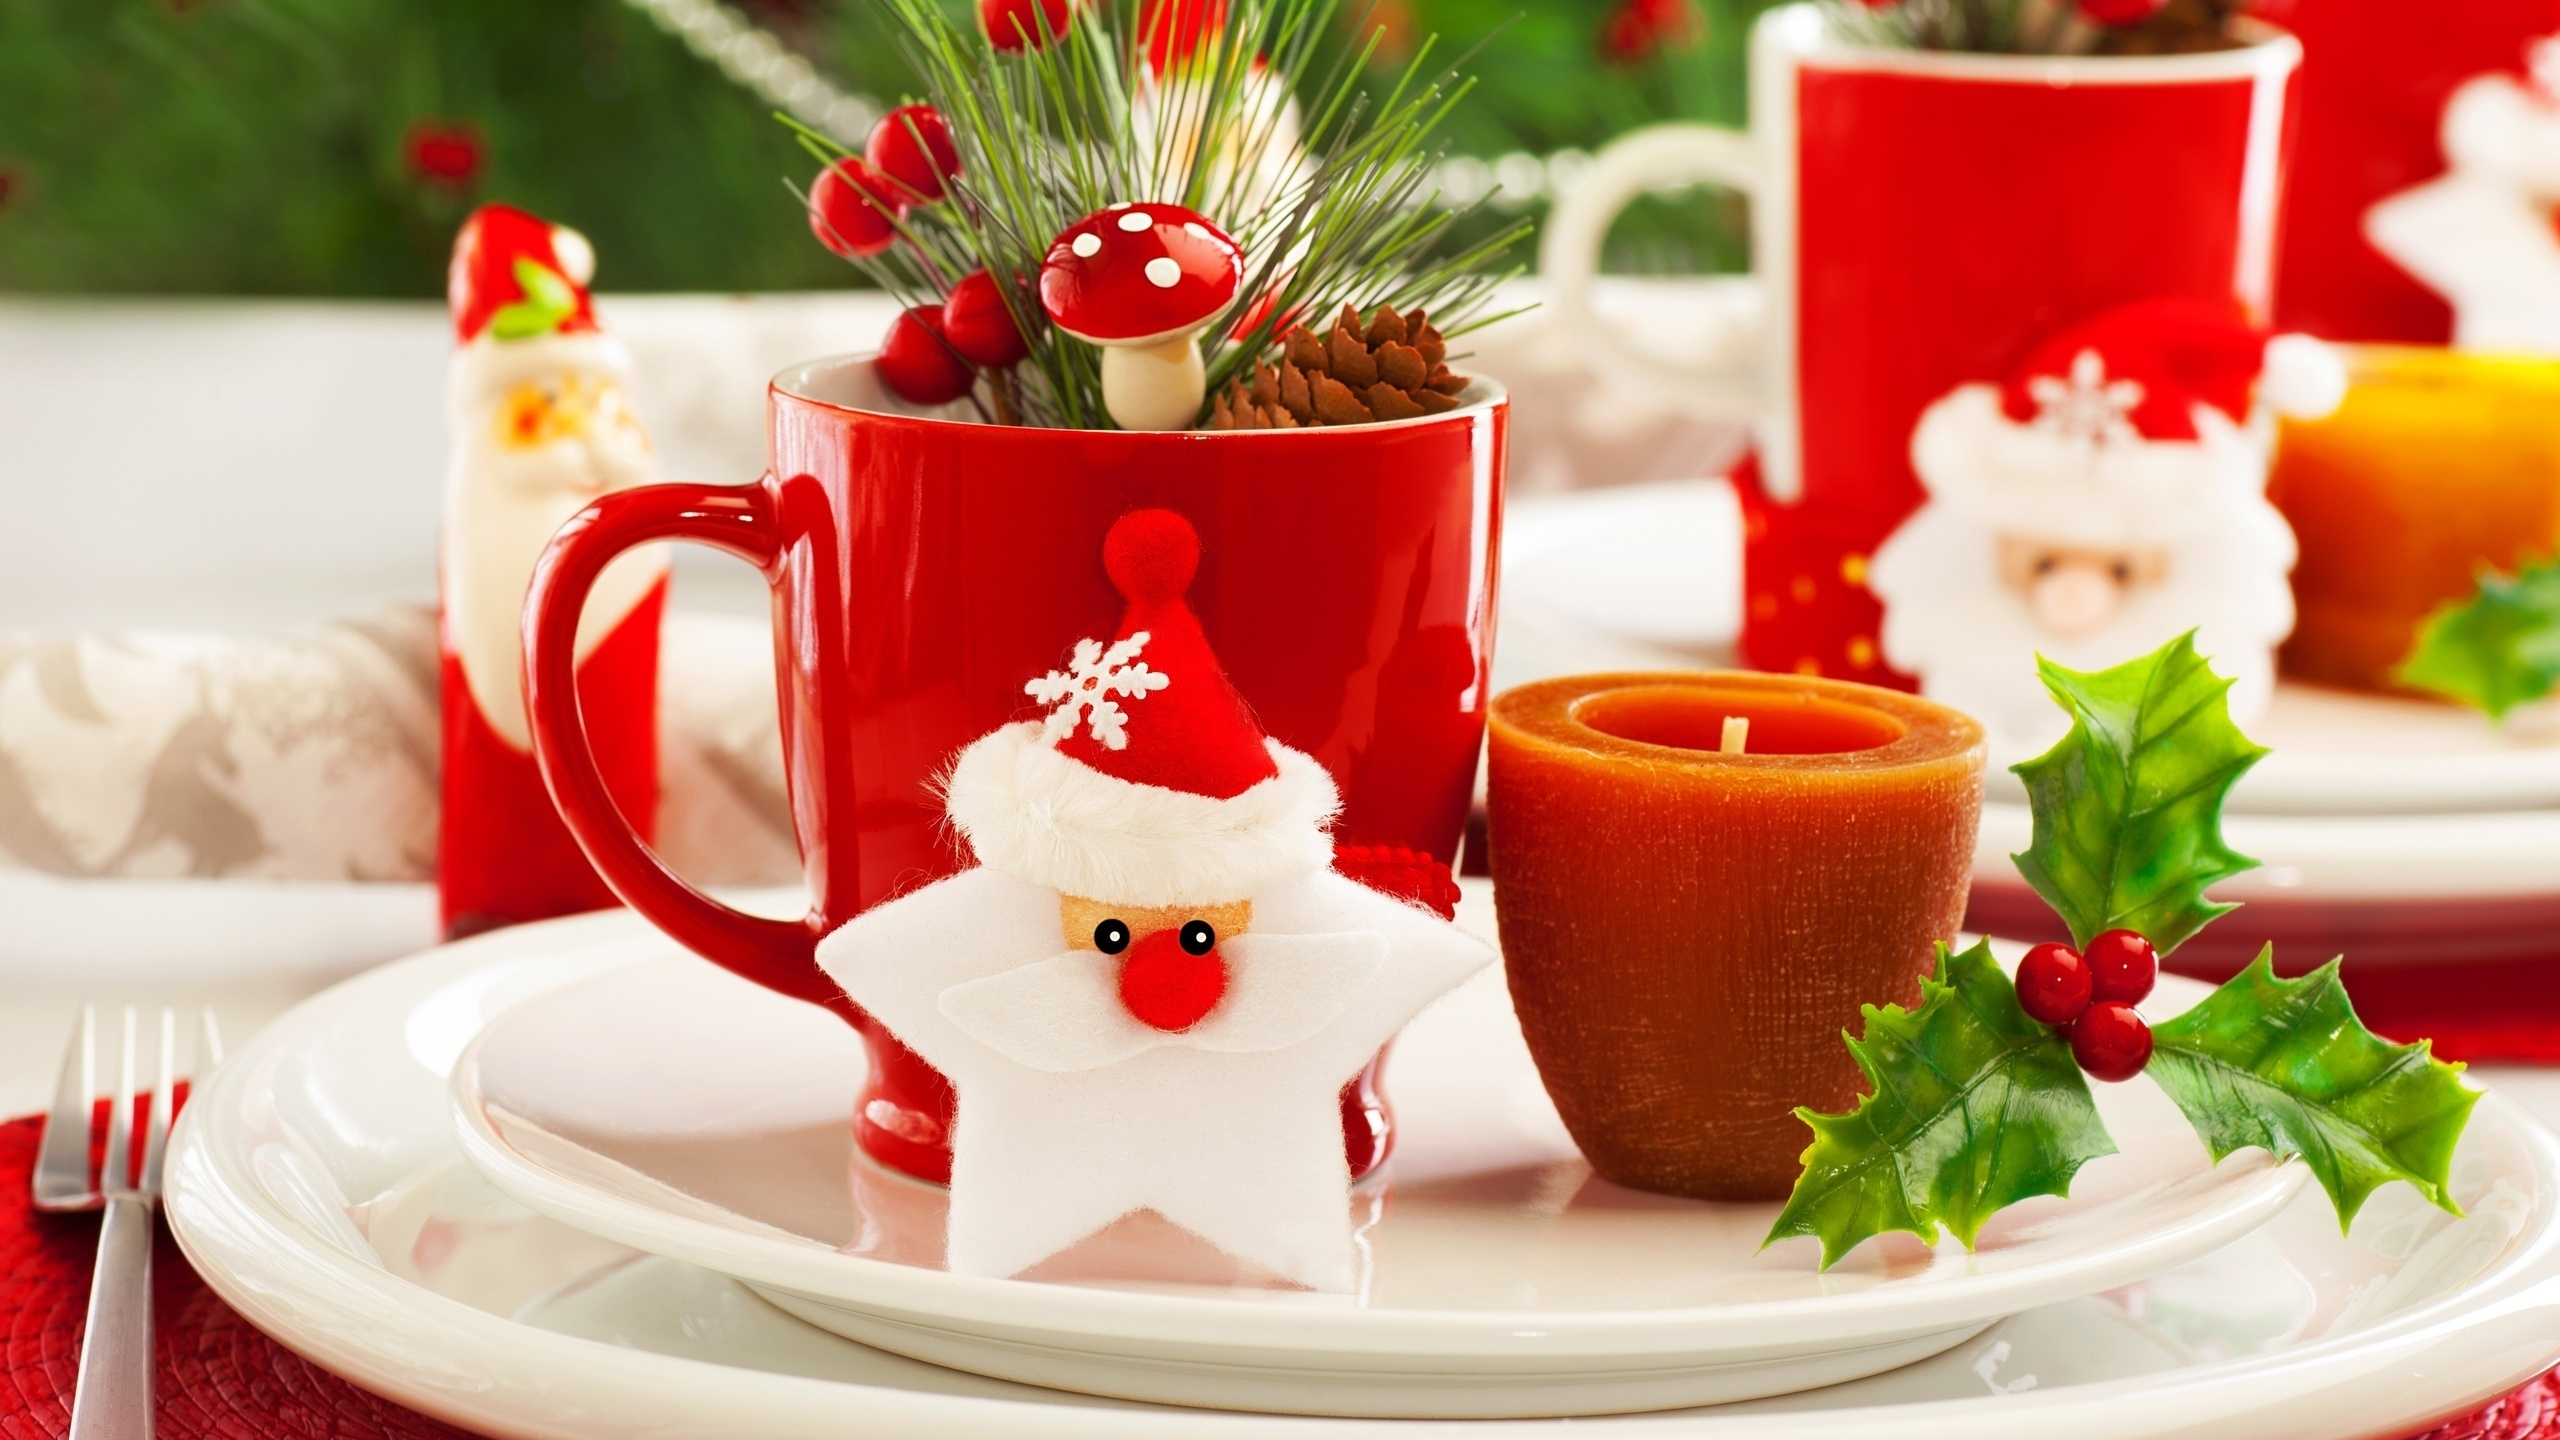 картинки новогоднее чаепитие подарок, сделанный своими